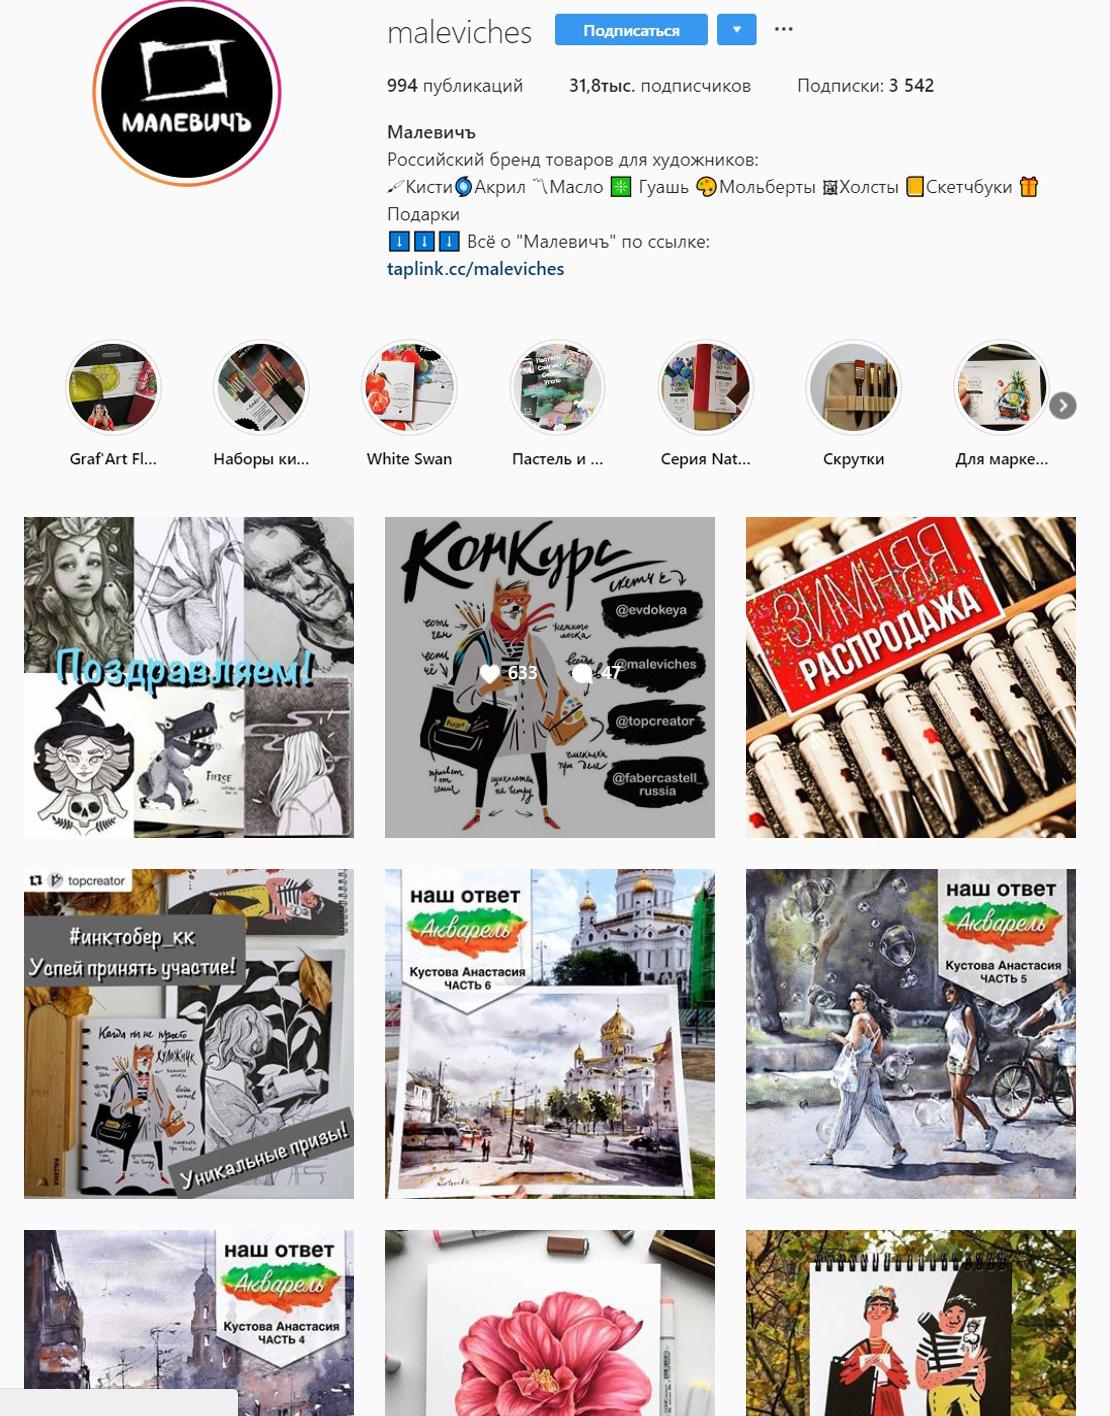 """Товары для художников """"Малевичь"""" SMM Instagram"""